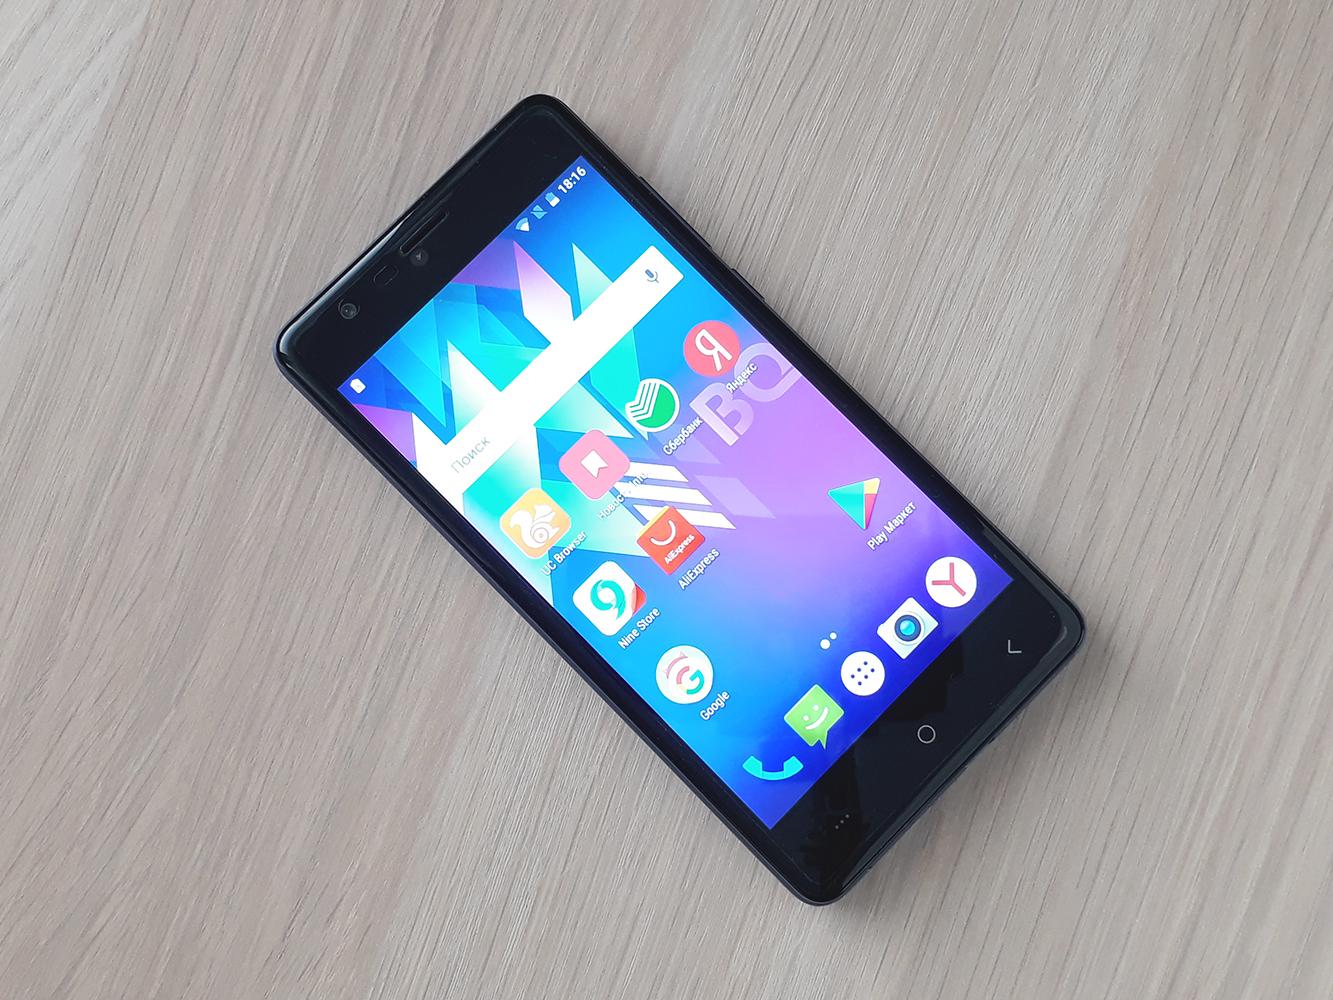 746fdfcde6080 Такая простая дизайнерская «фишка» позволяет смартфону выглядеть самобытно  и дороже, чем он есть на самом деле. Сборка отличная – никаких щелей нет и  «в ...